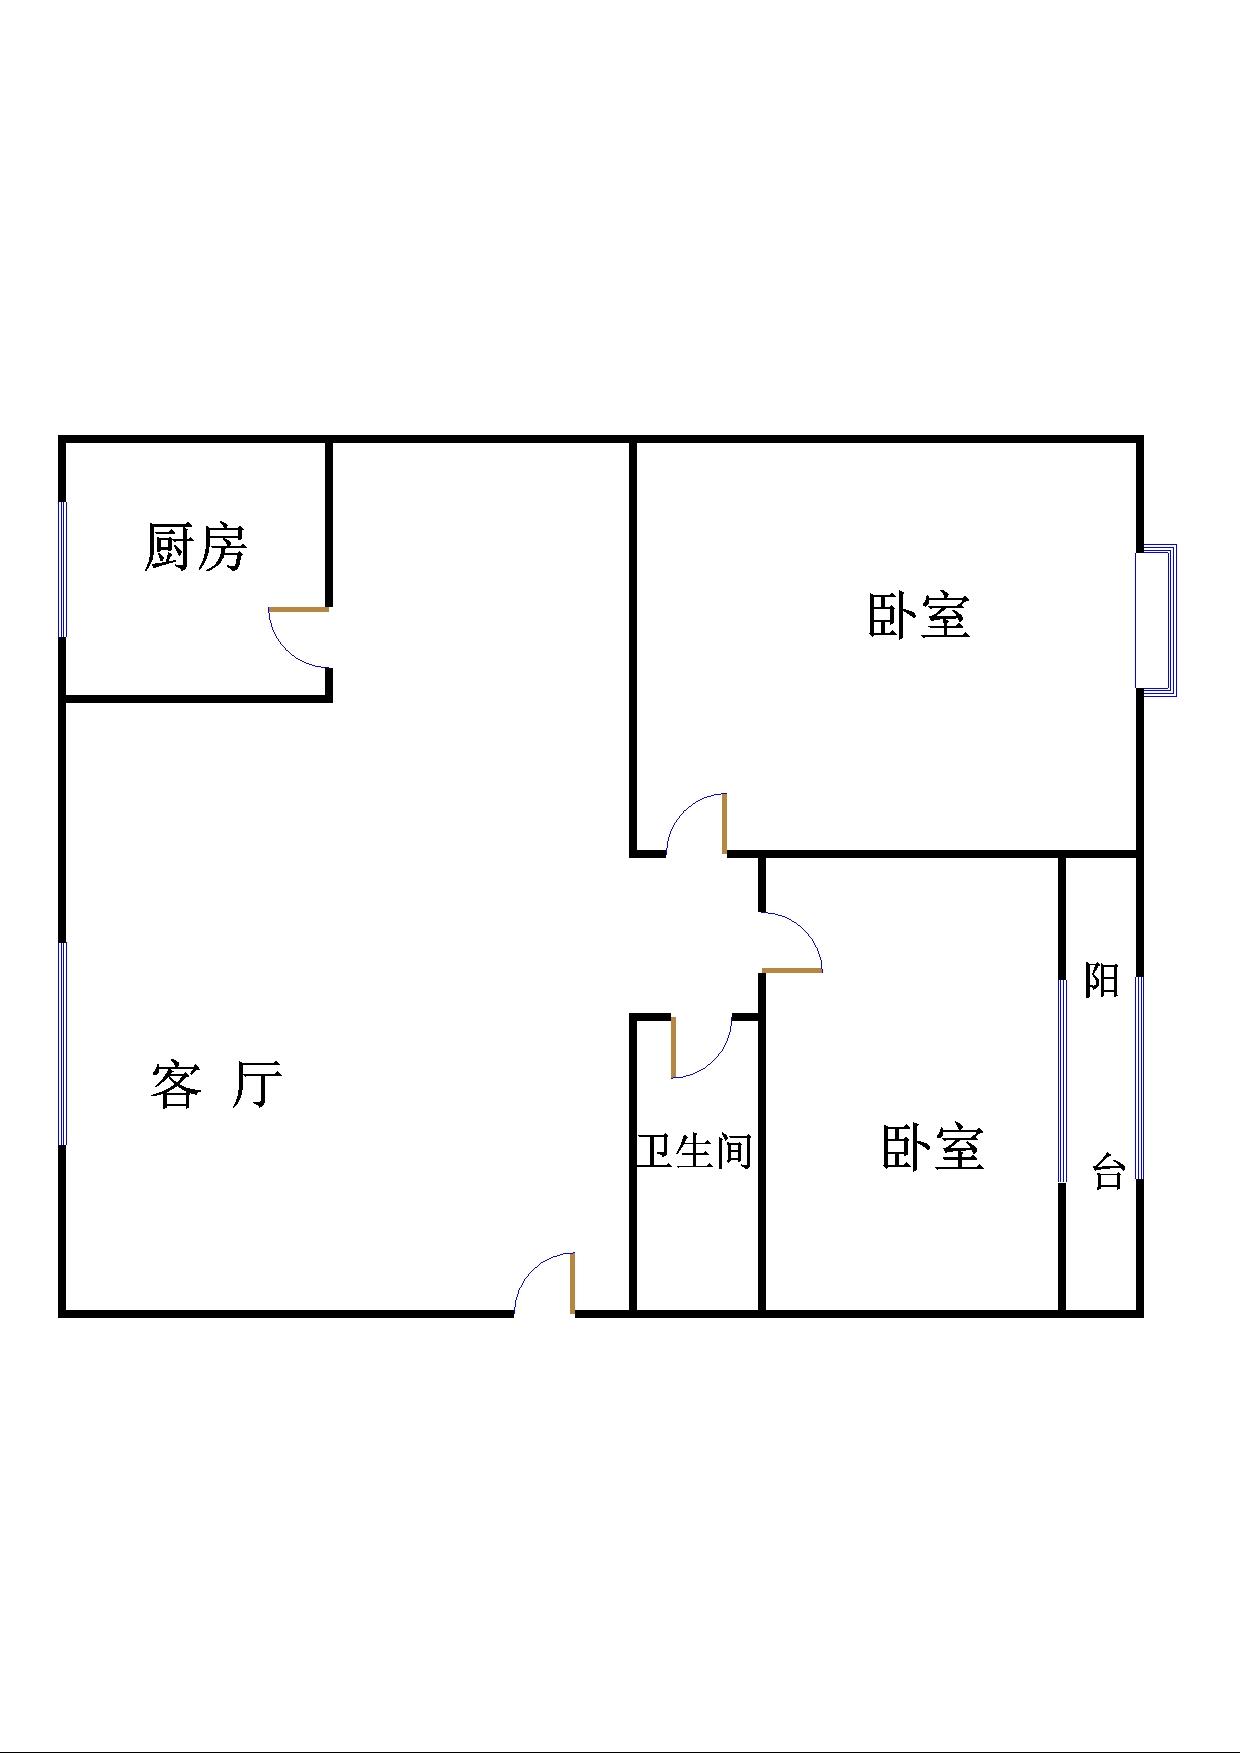 气象局宿舍 2室2厅 3楼